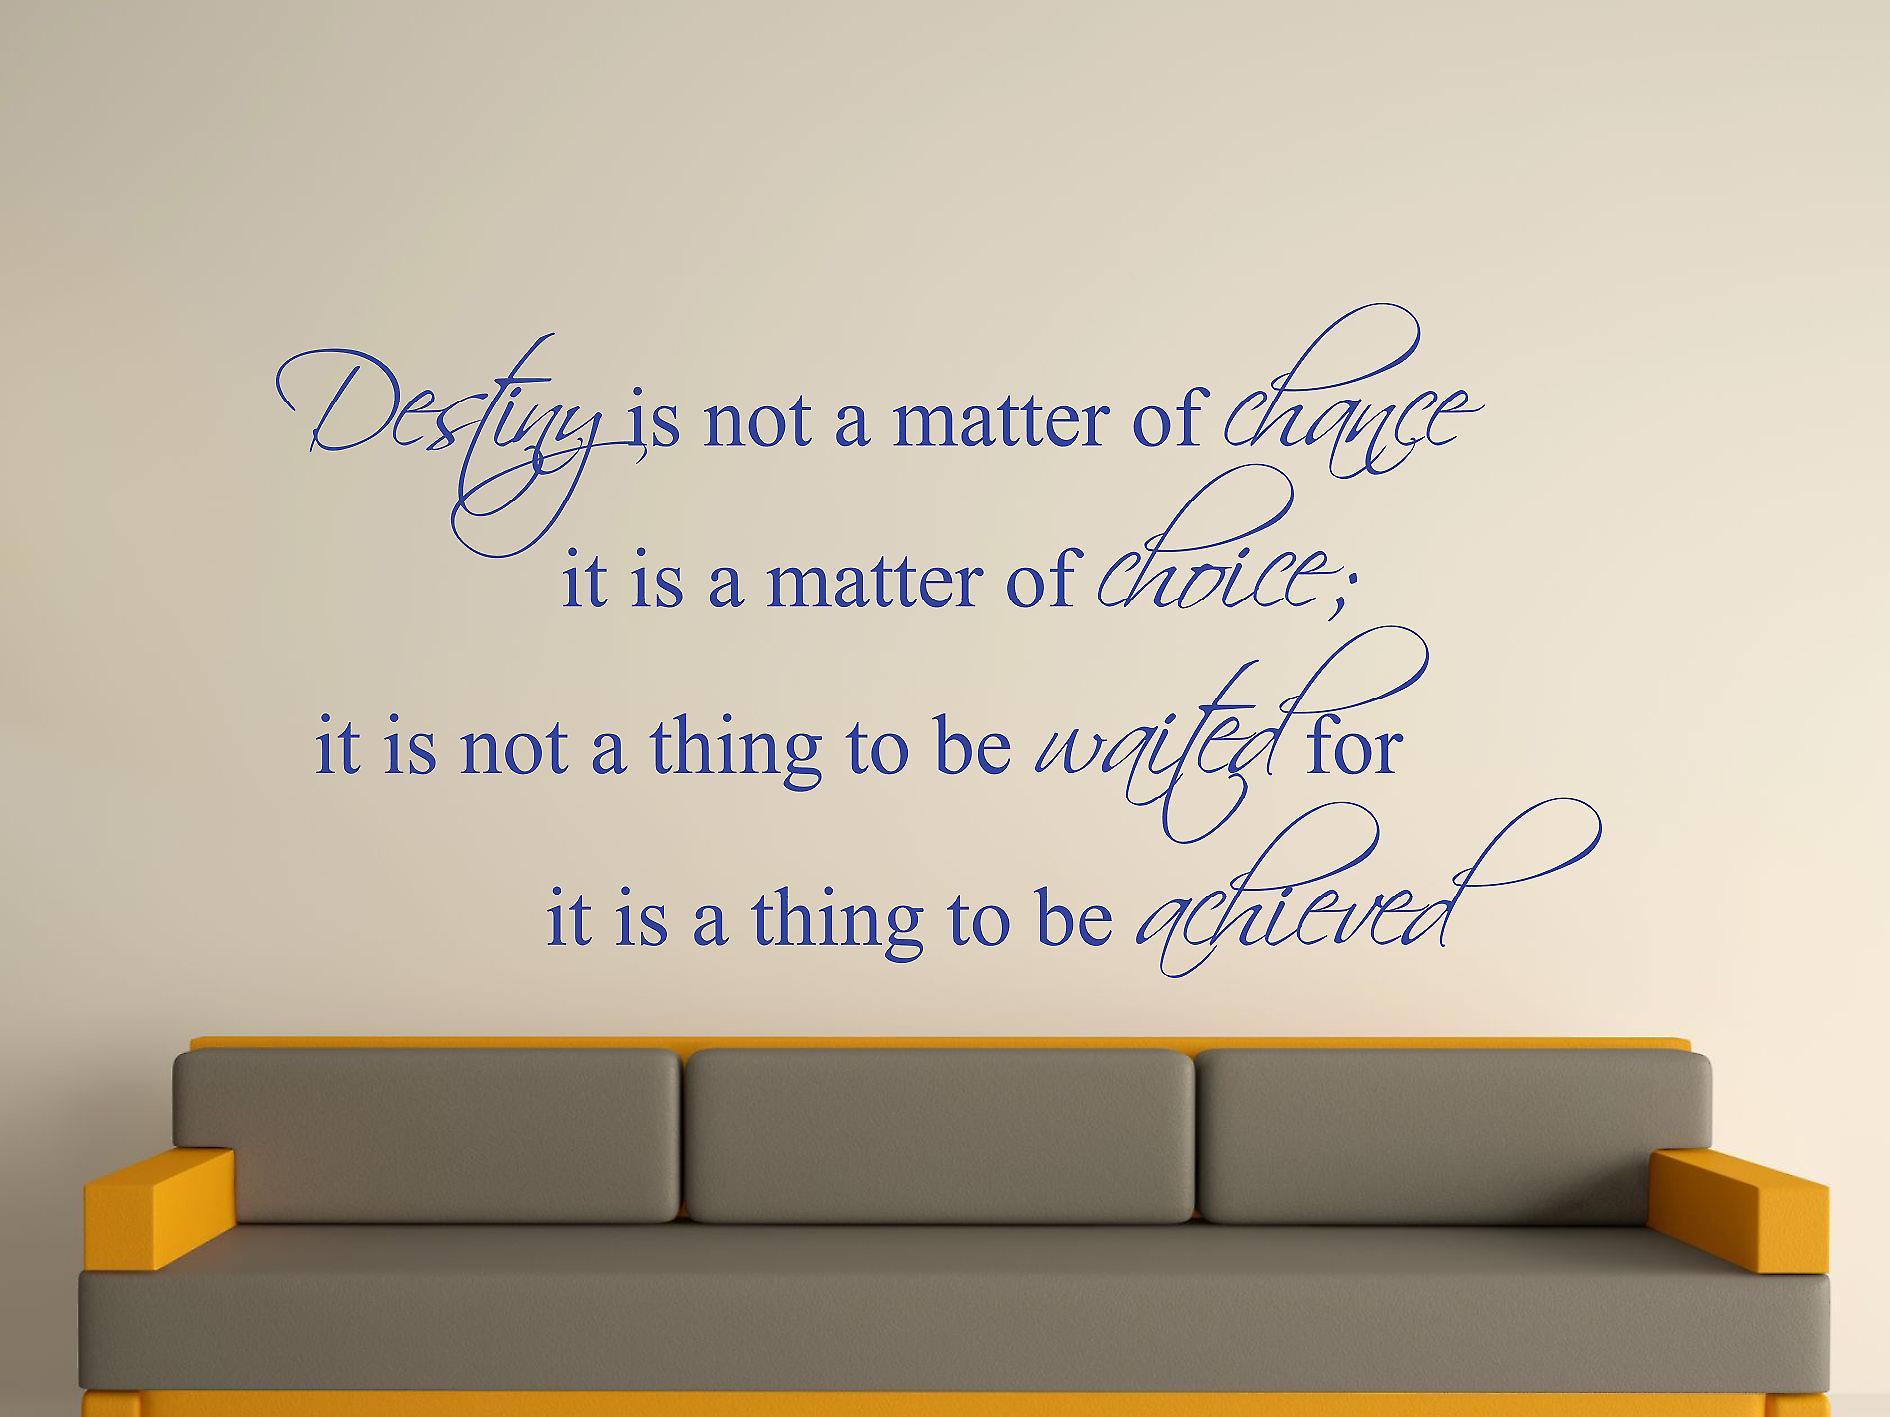 Destiny Is Not A Matter of Chance Wall Art Sticker - Brilliant Blue